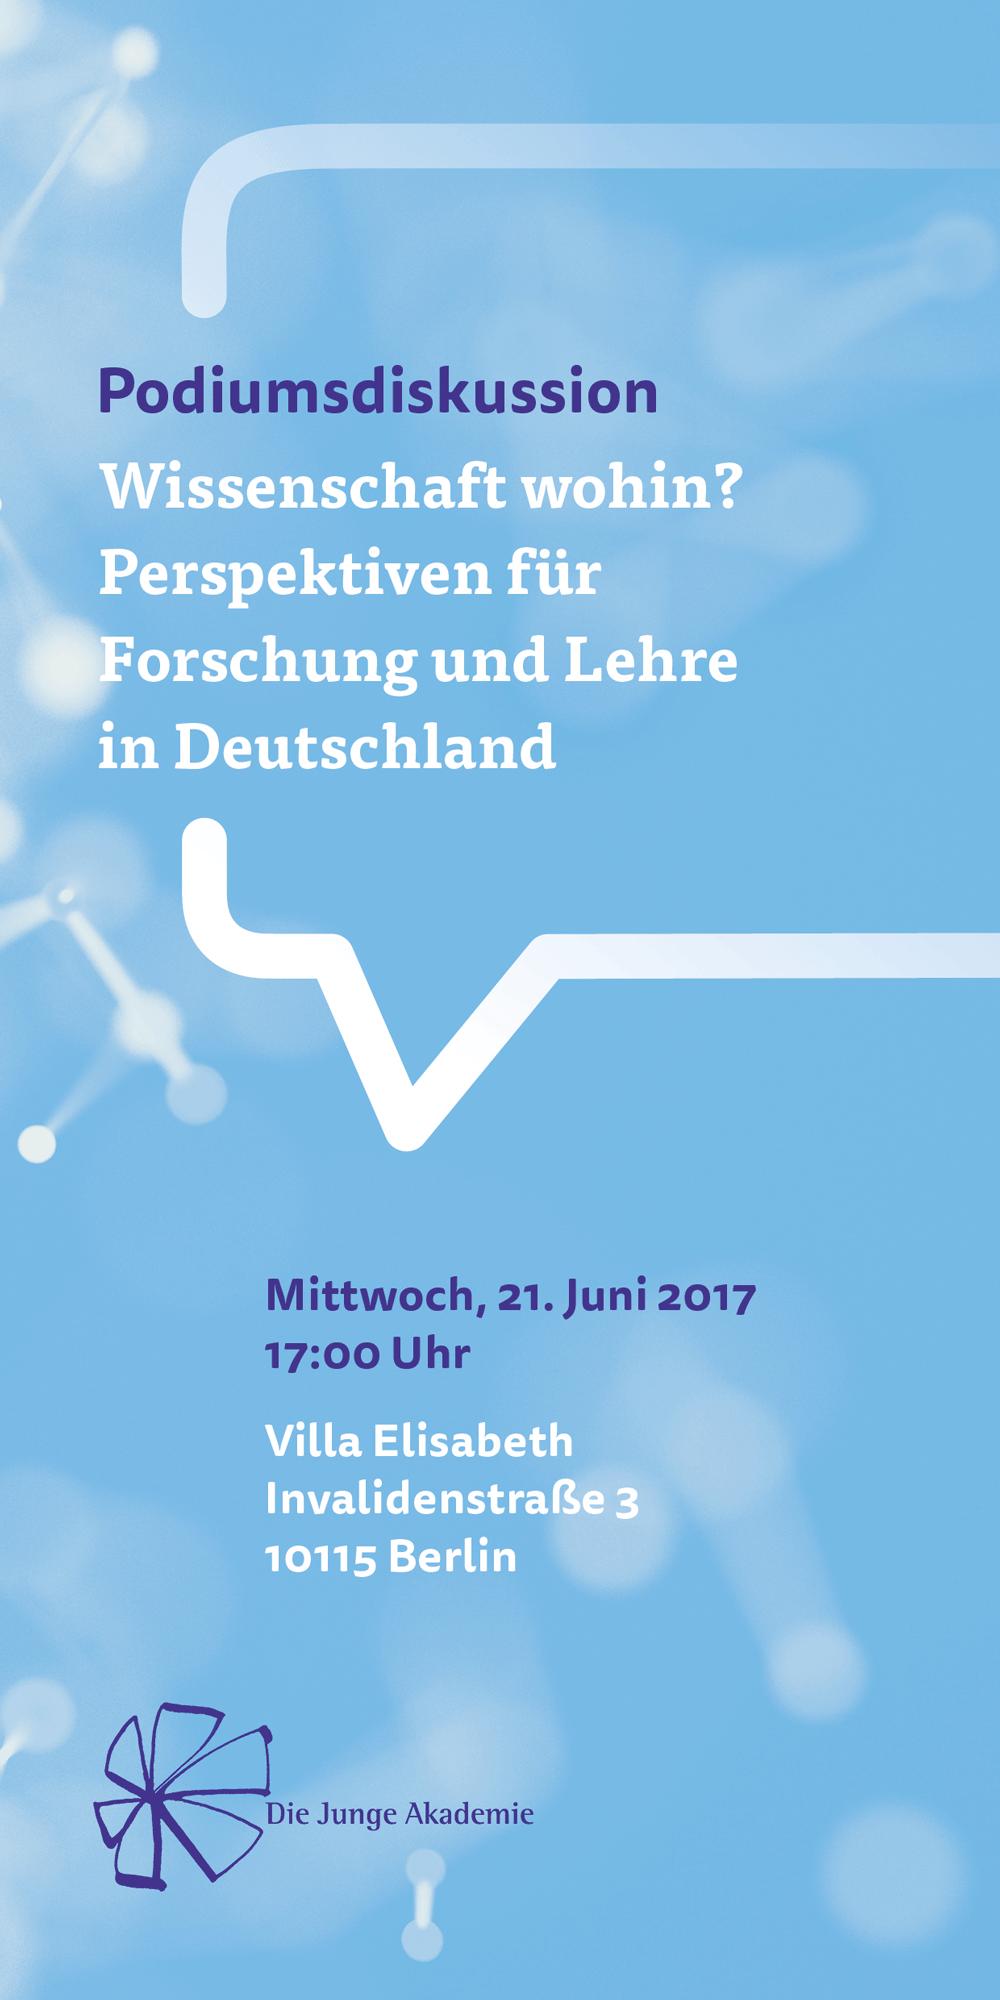 Wissenschaftspolitik-trafik-FranziskaBecker